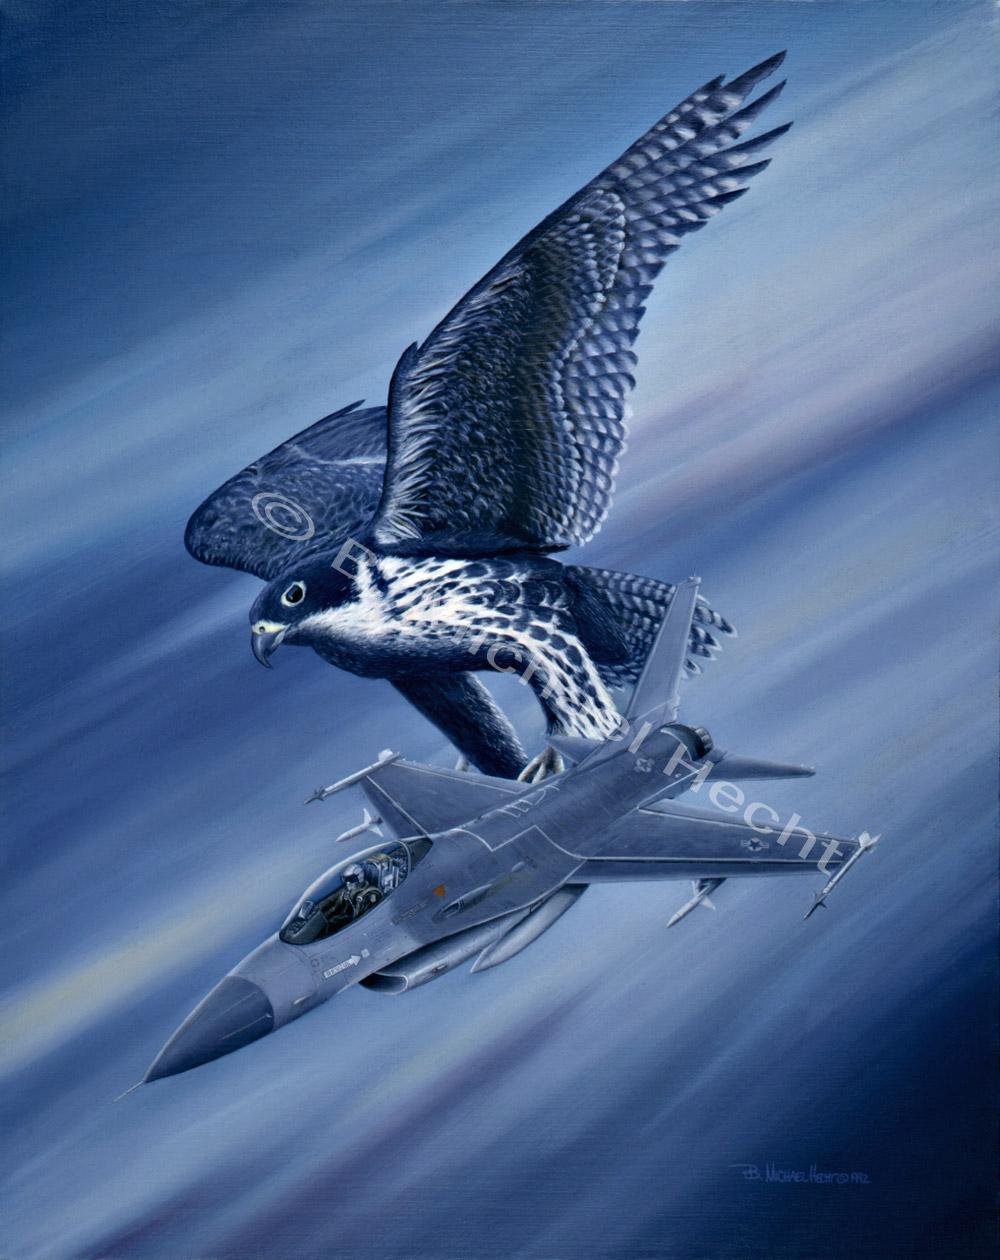 Falcon Fury II, by B. Michael Hecht